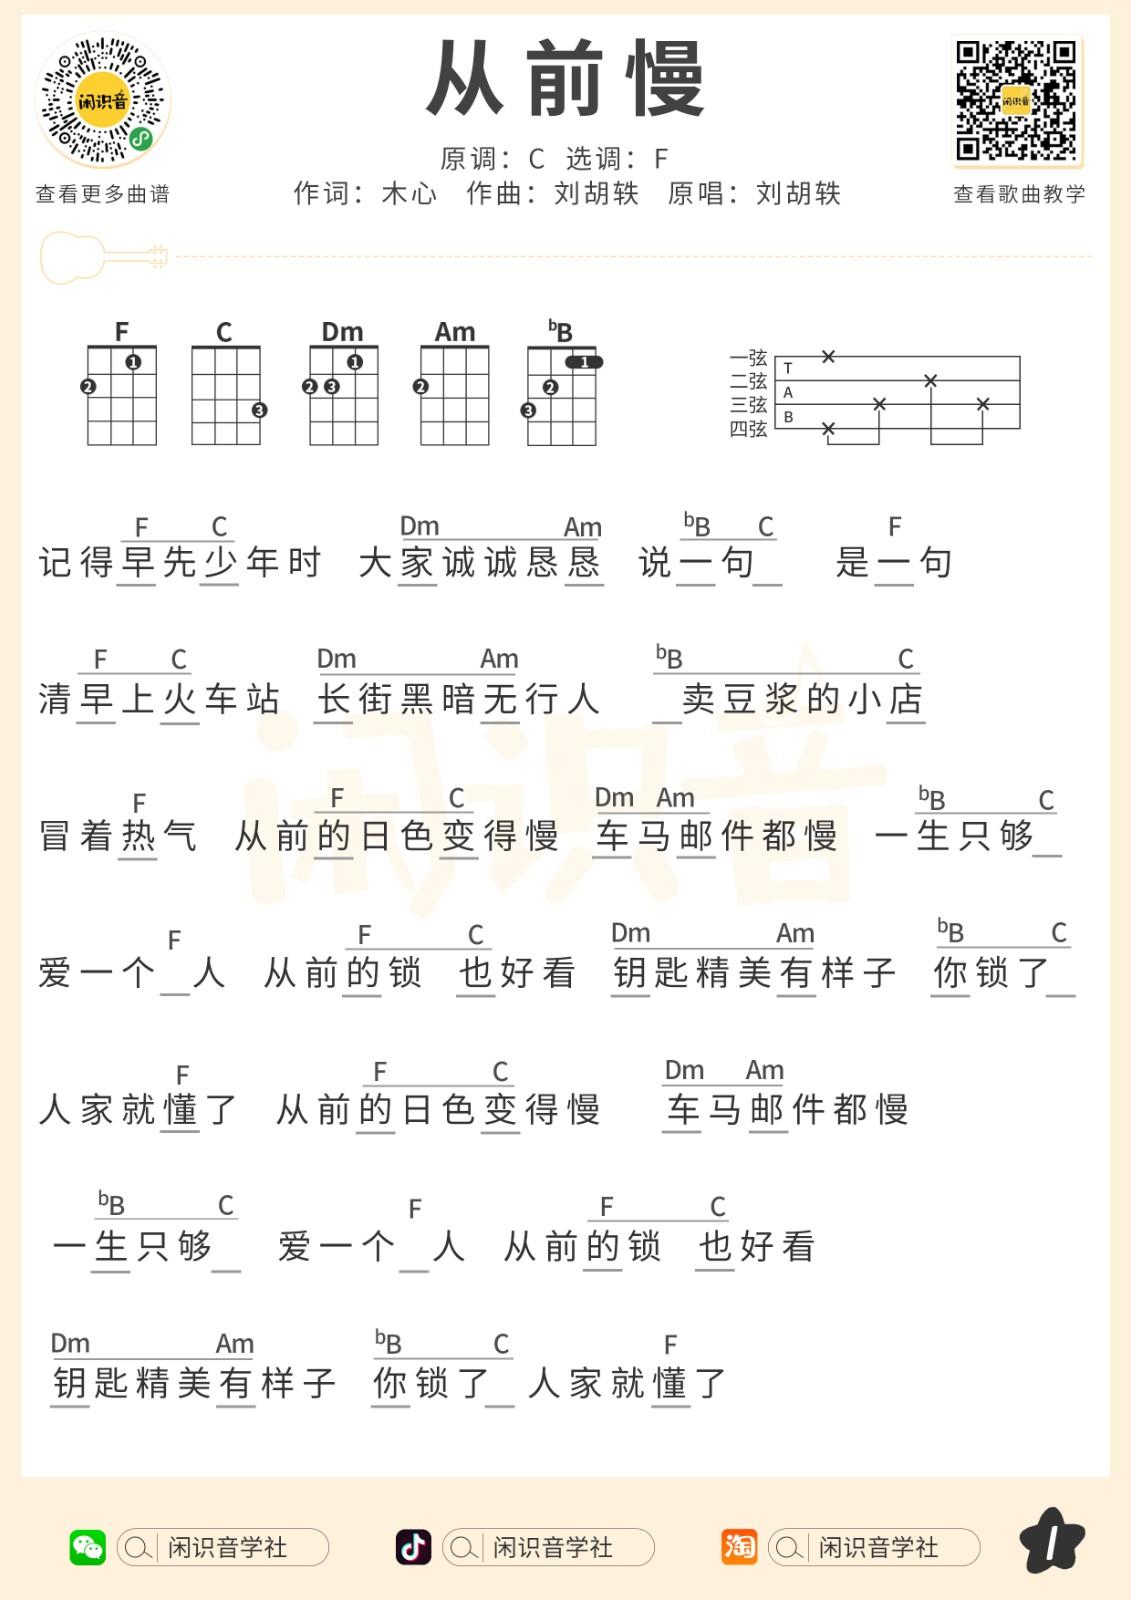 《从前慢》尤克里里曲谱-C大调音乐网